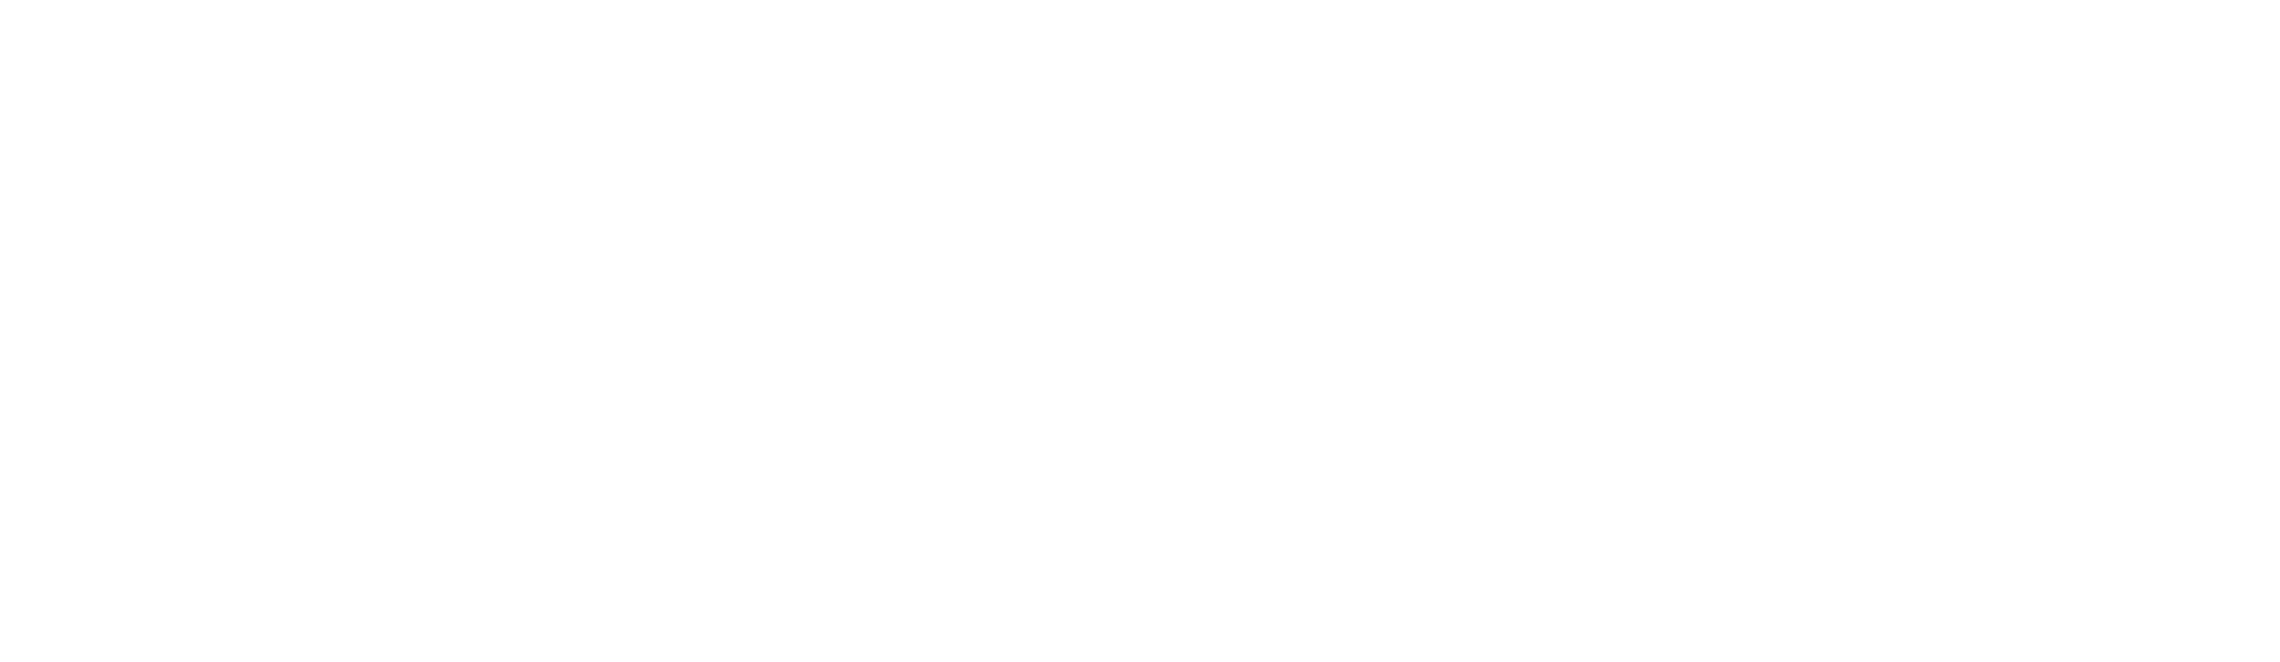 Town of Rutland